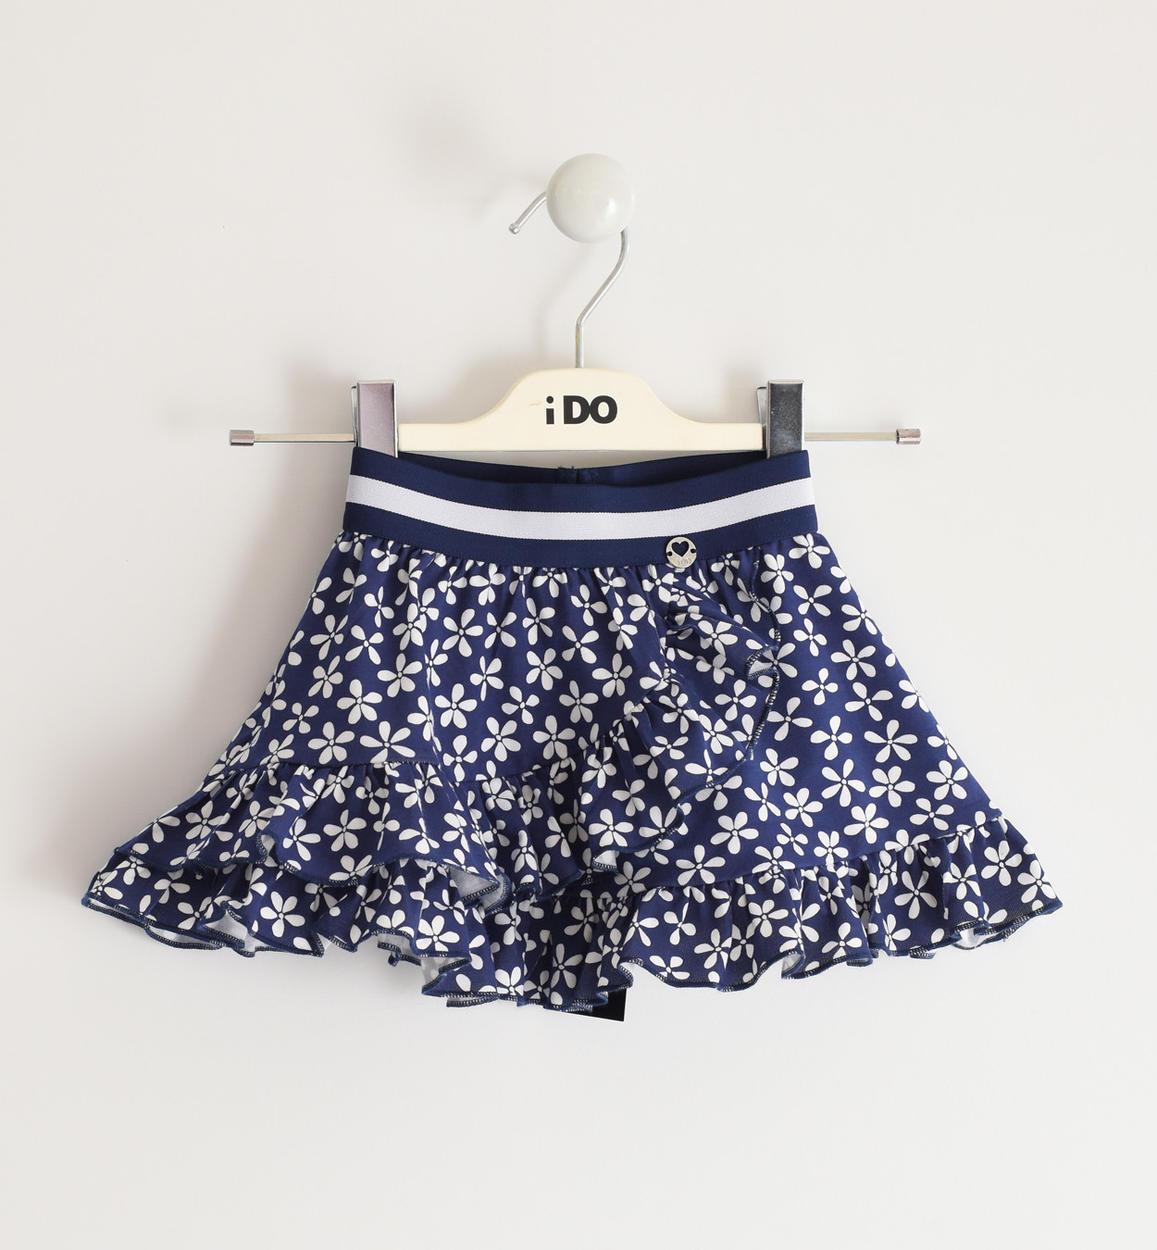 kék virágos pamut kislány szoknya